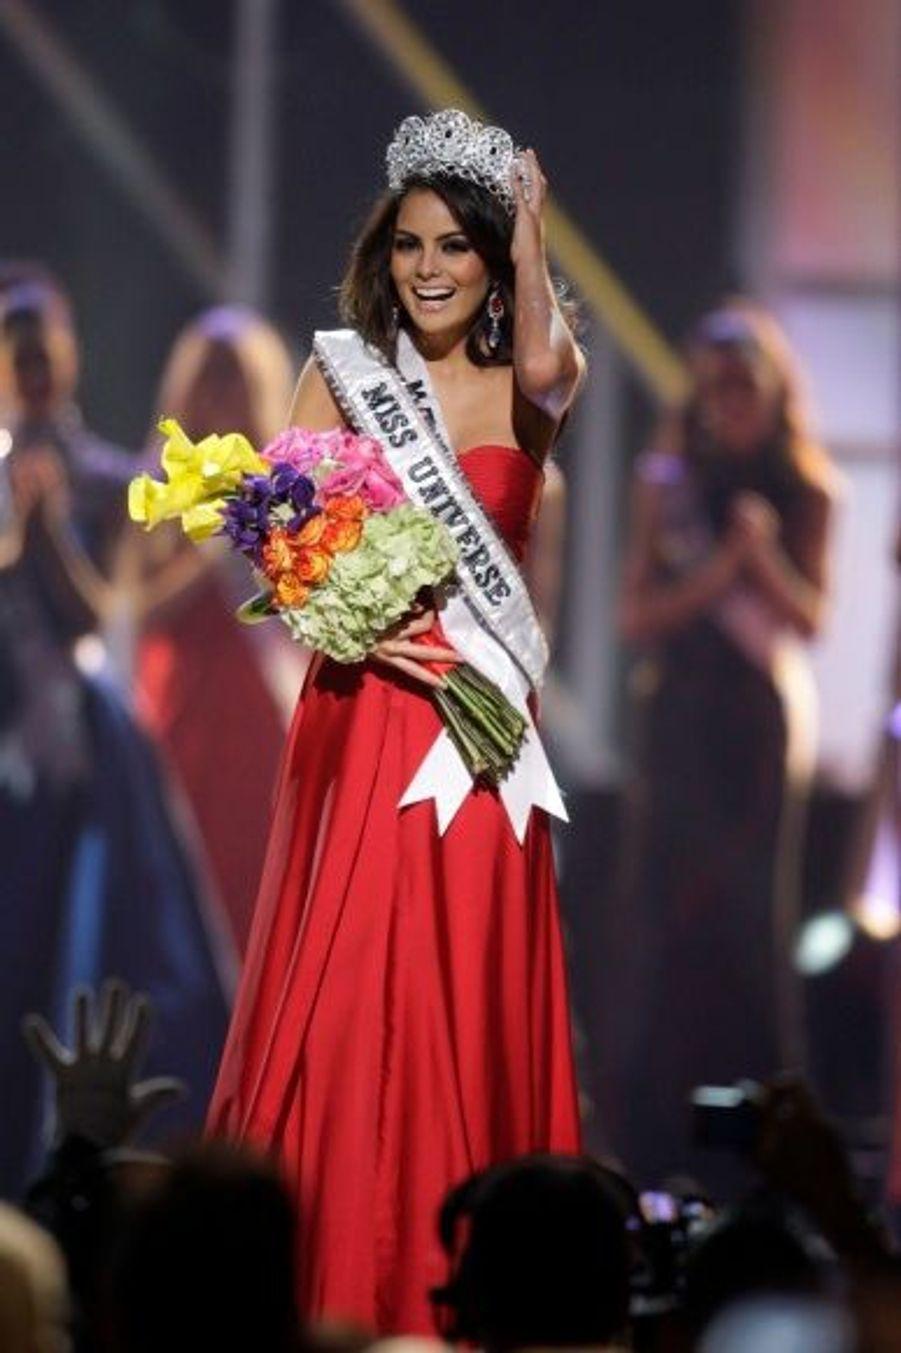 Le couronnement d'une jeune femme de Guadalajara